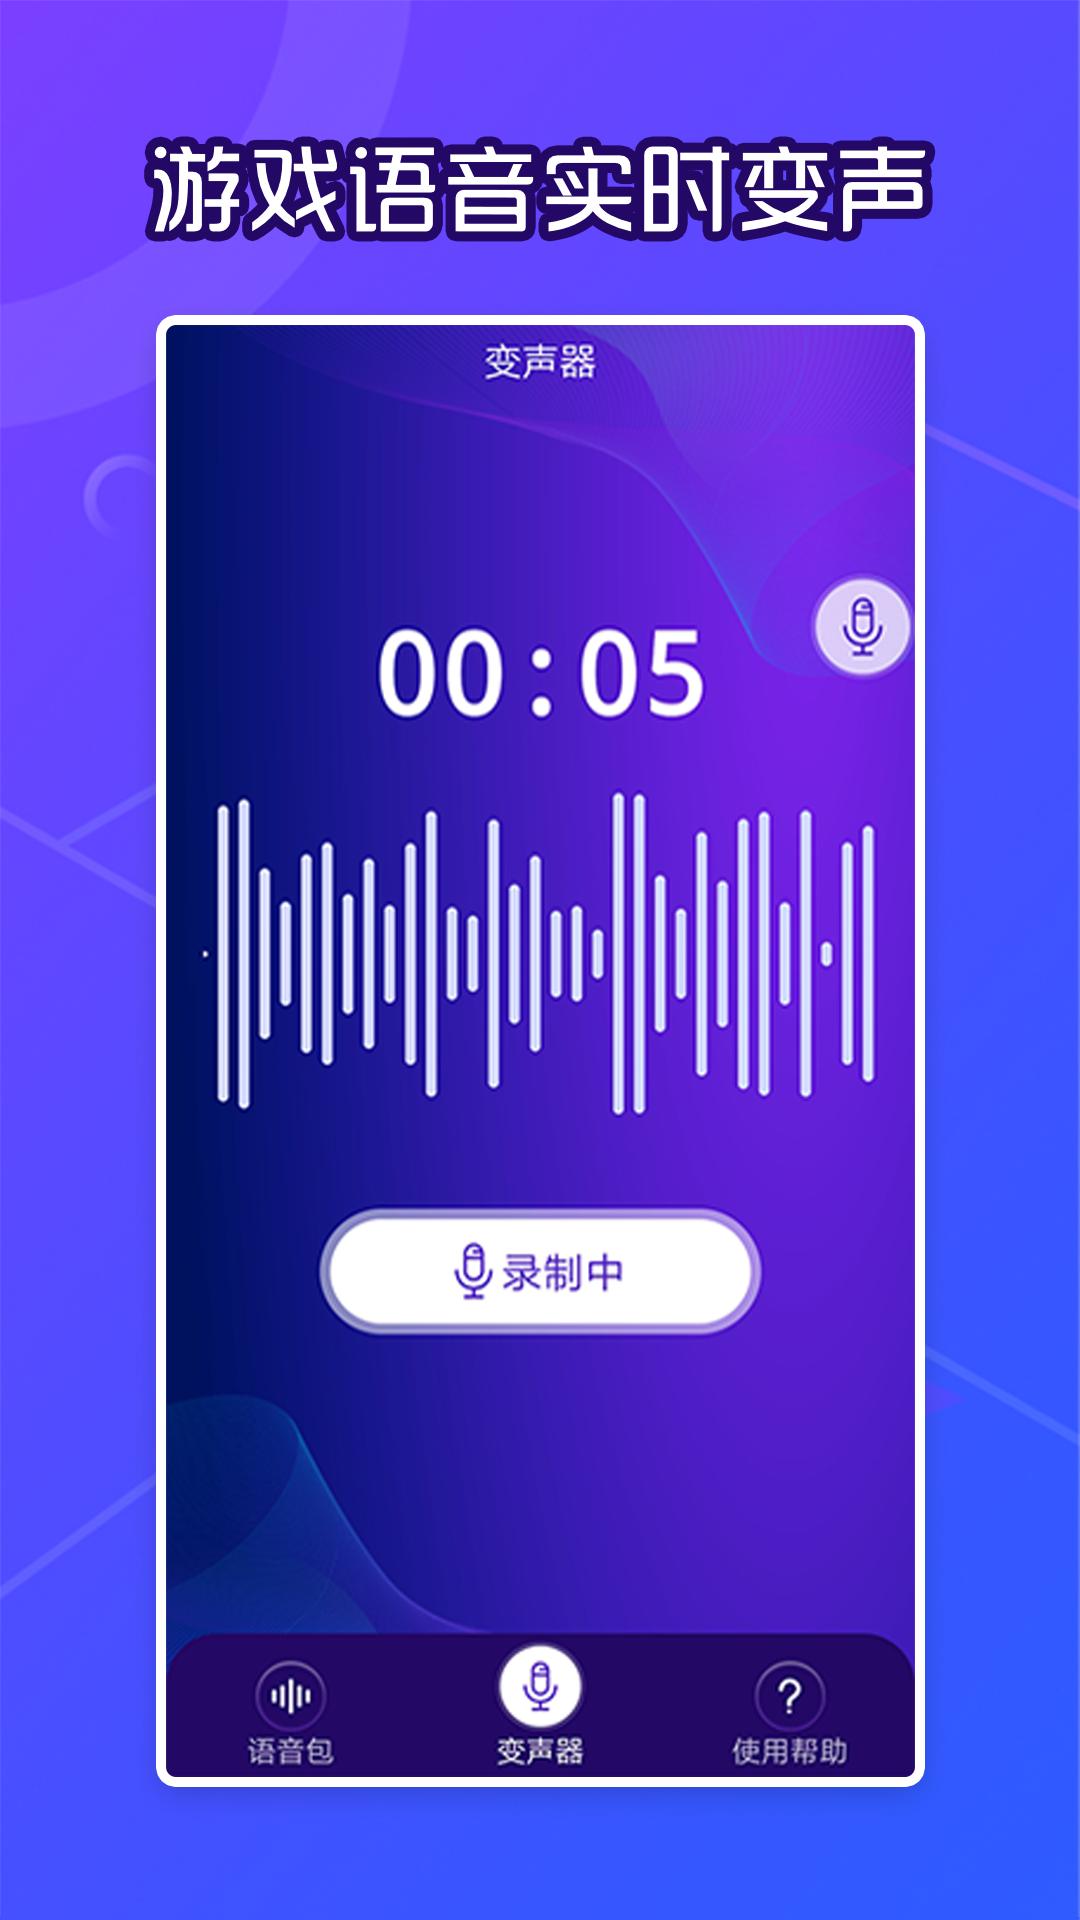 芒果语音包变声器 V1.0.0 安卓版截图2